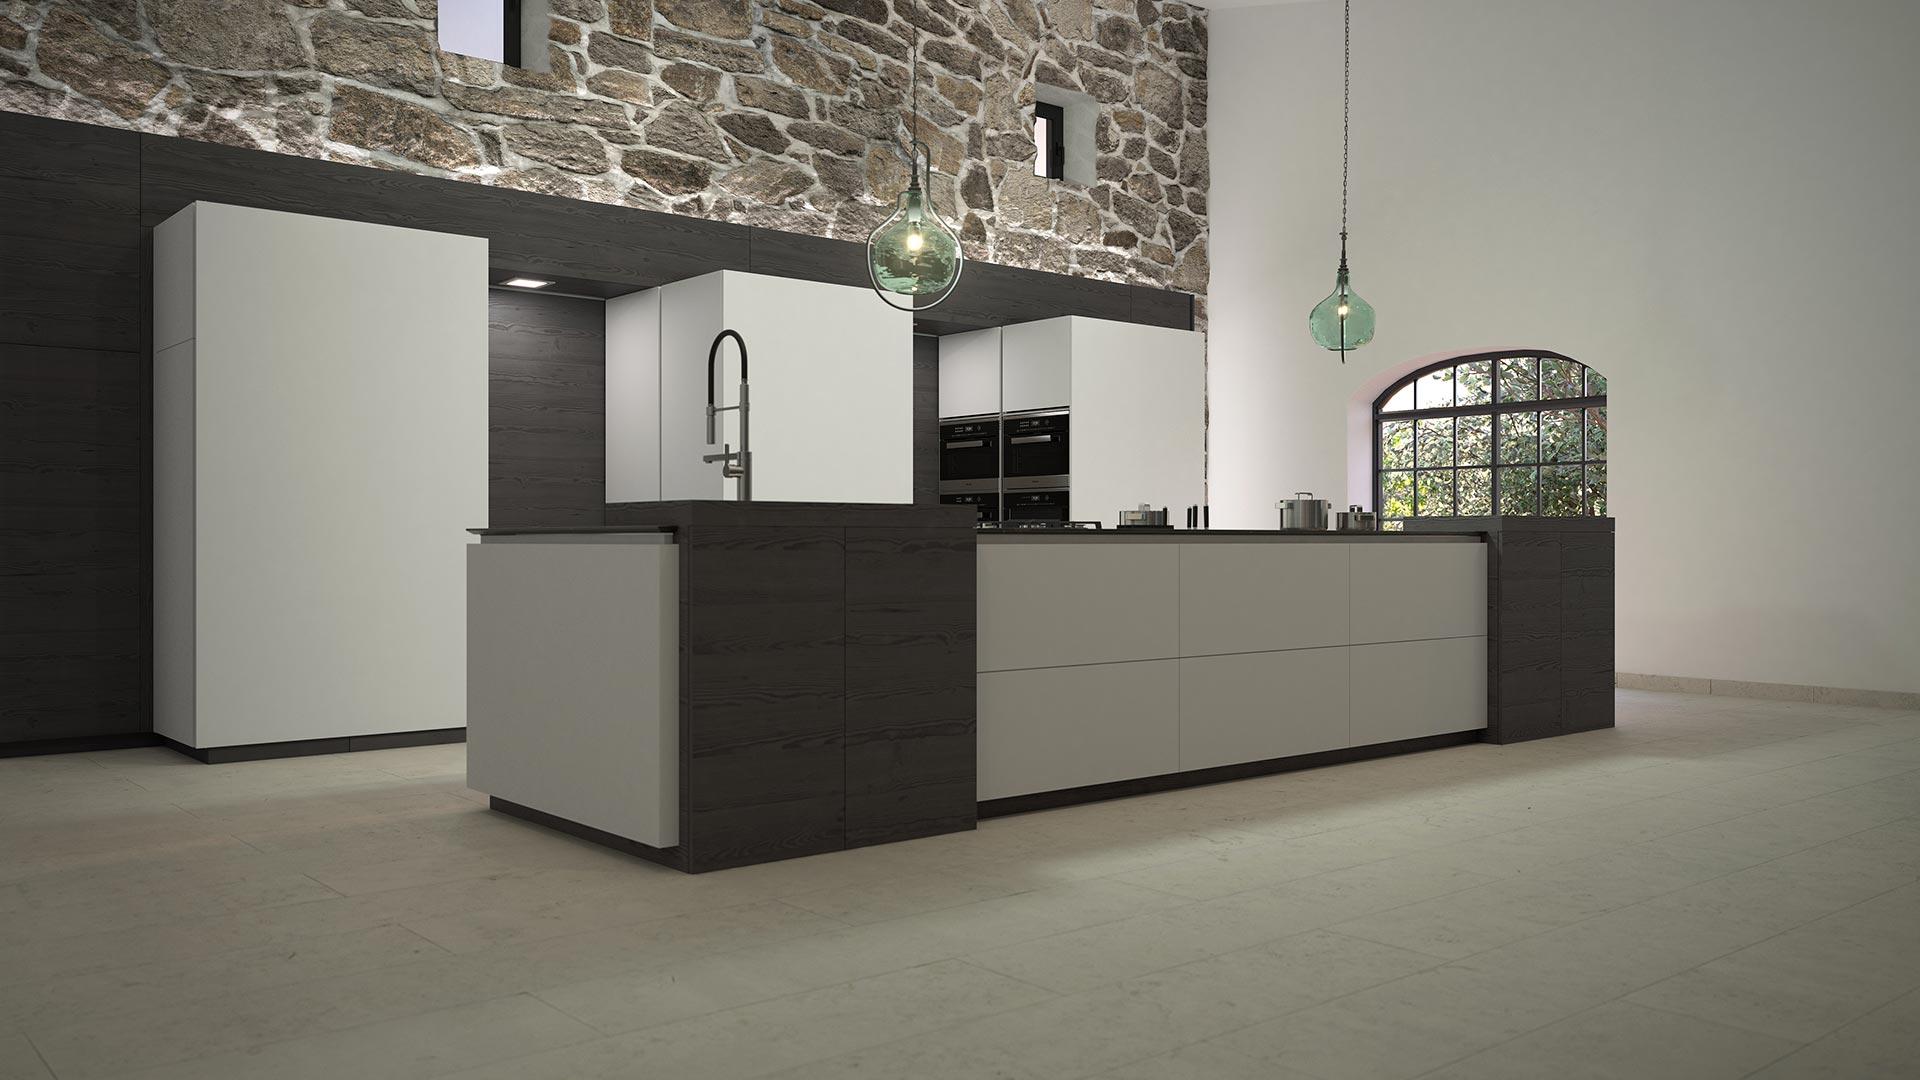 senssia design kitchen, kitchen furniture